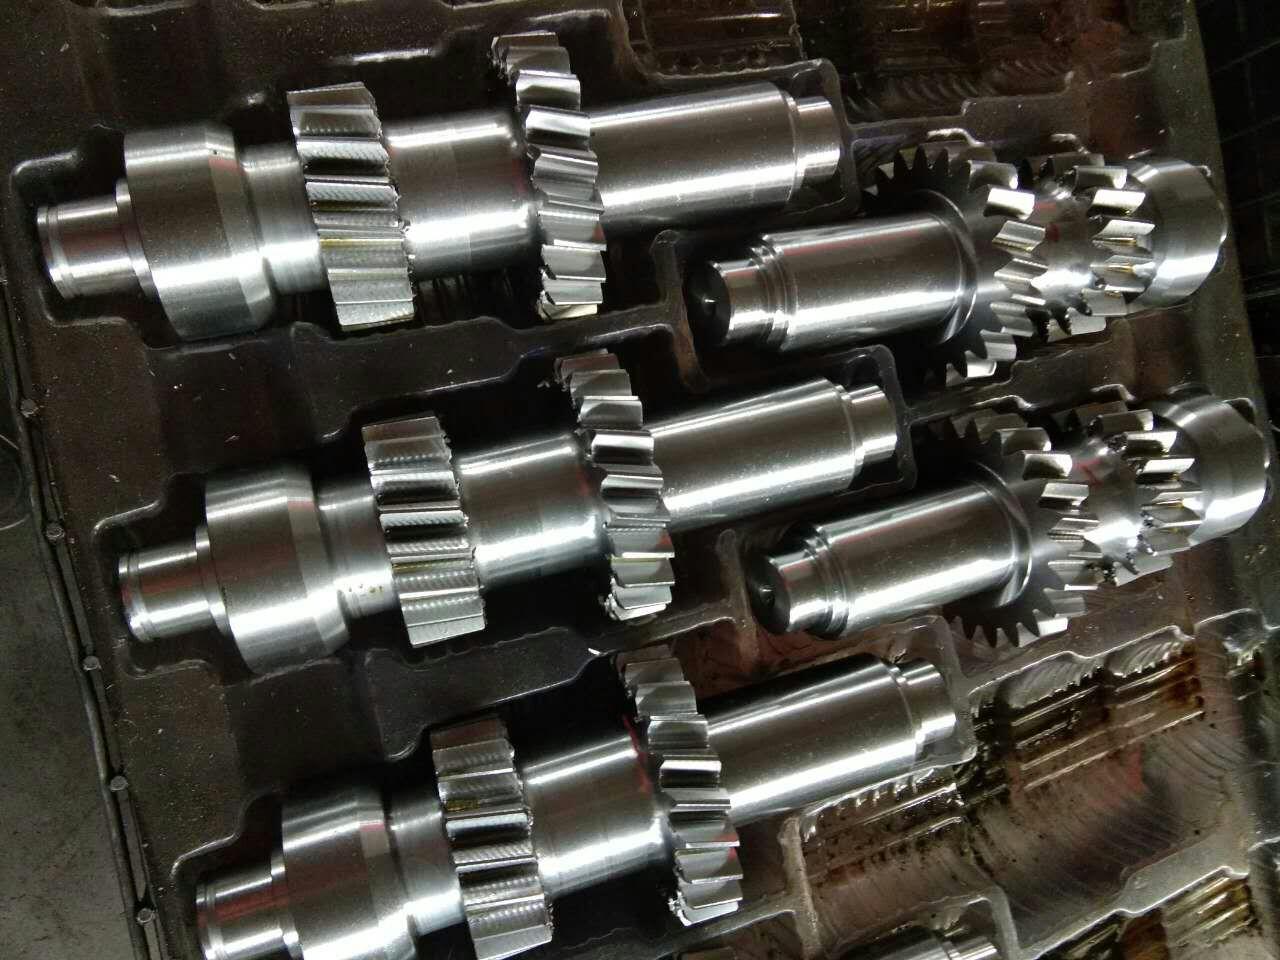 变速箱齿轮锻件|变速箱齿轮锻件的价格|重庆变速箱齿轮锻件的厂家